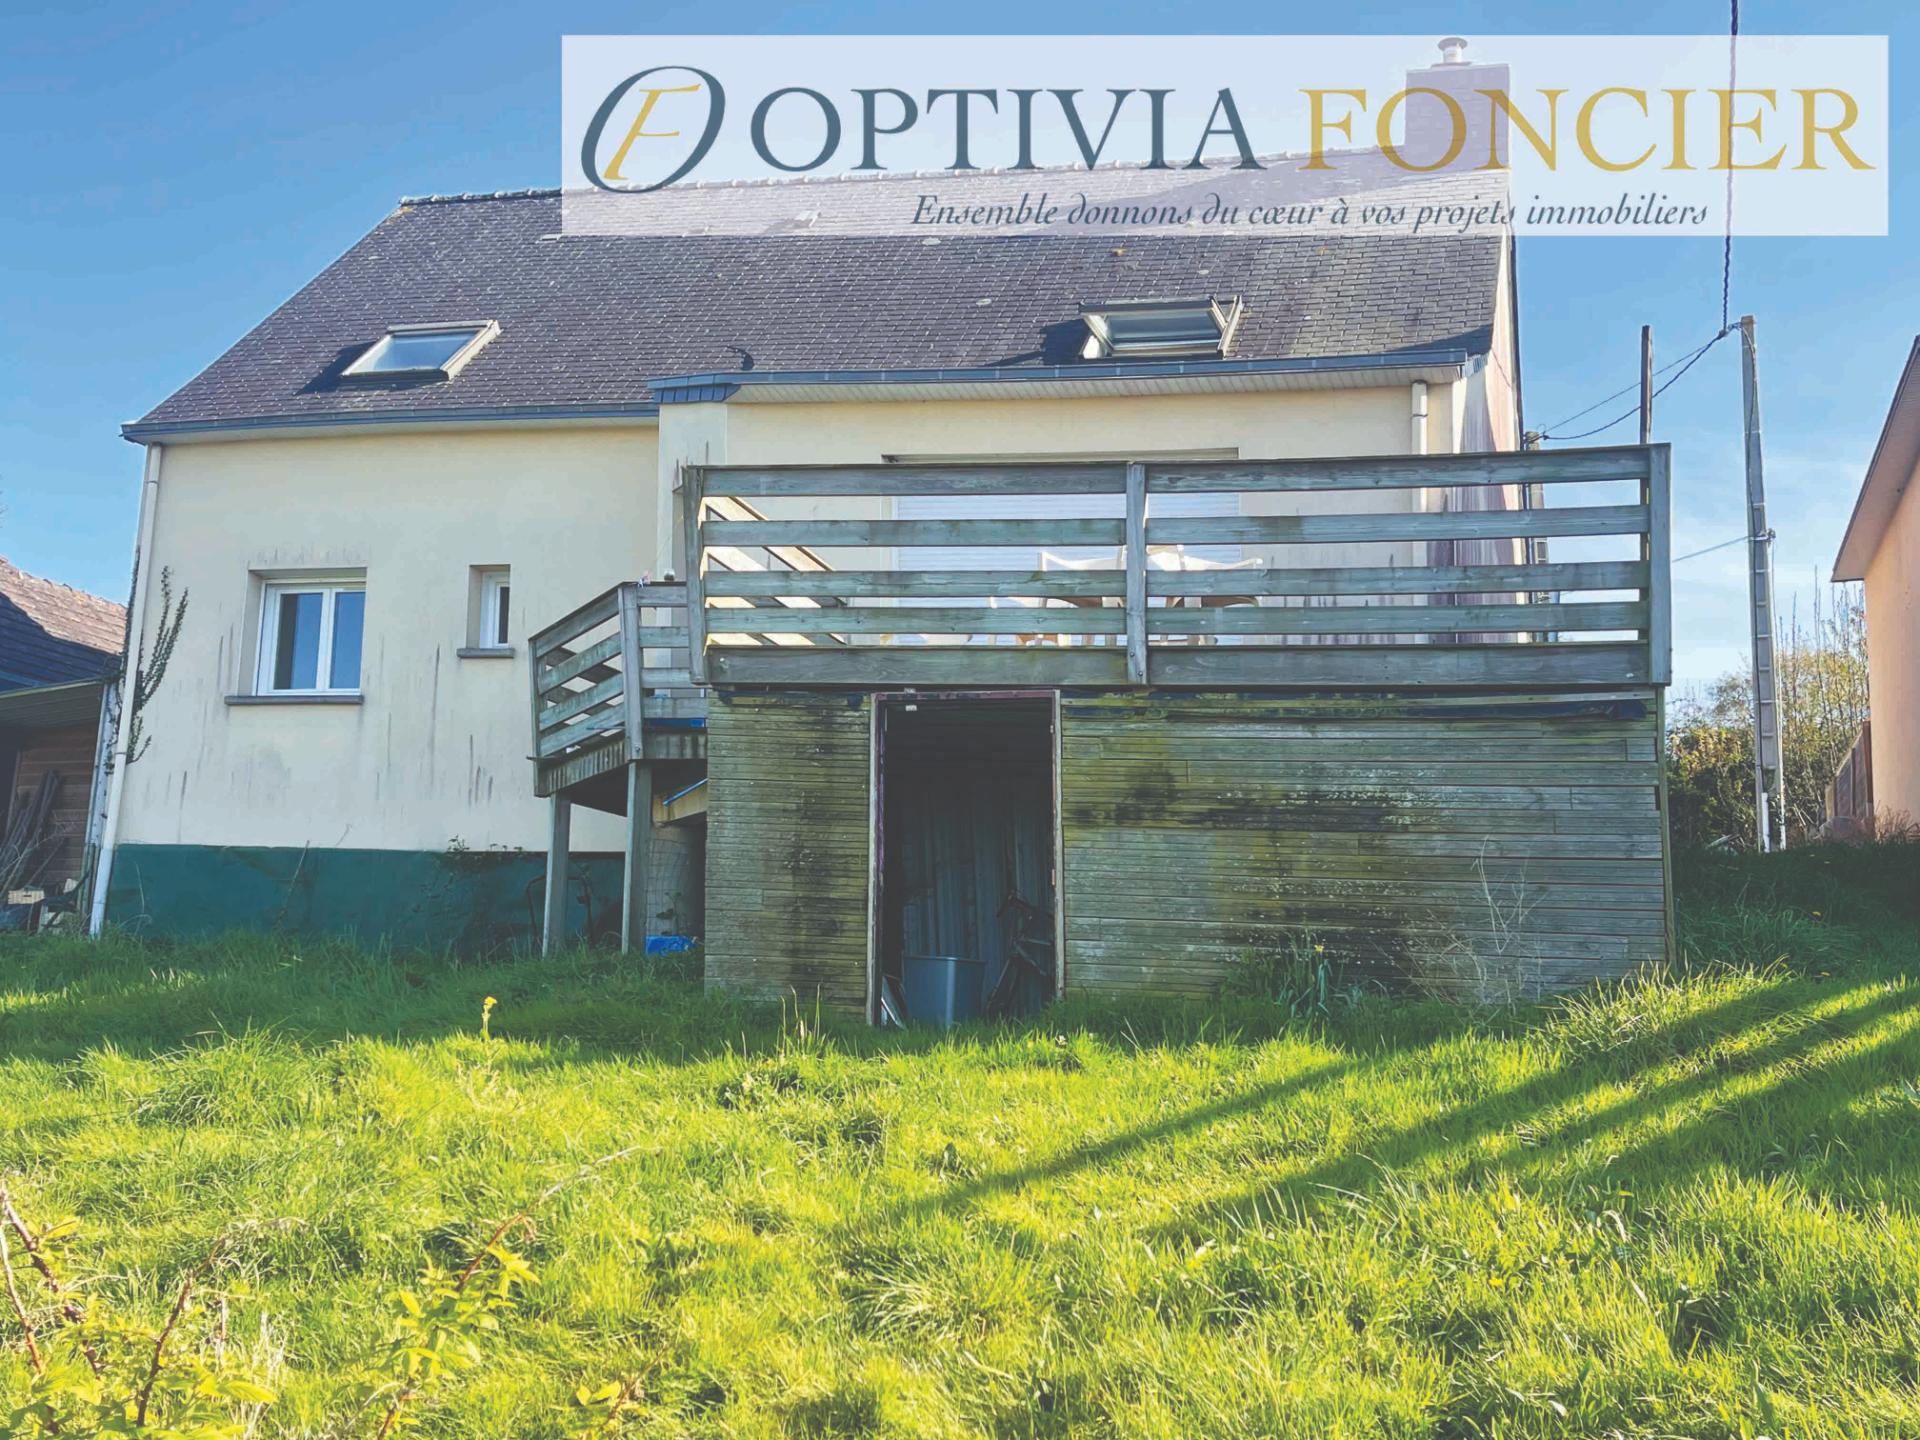 Maison T6 119 m²  - 675 m² de terrain